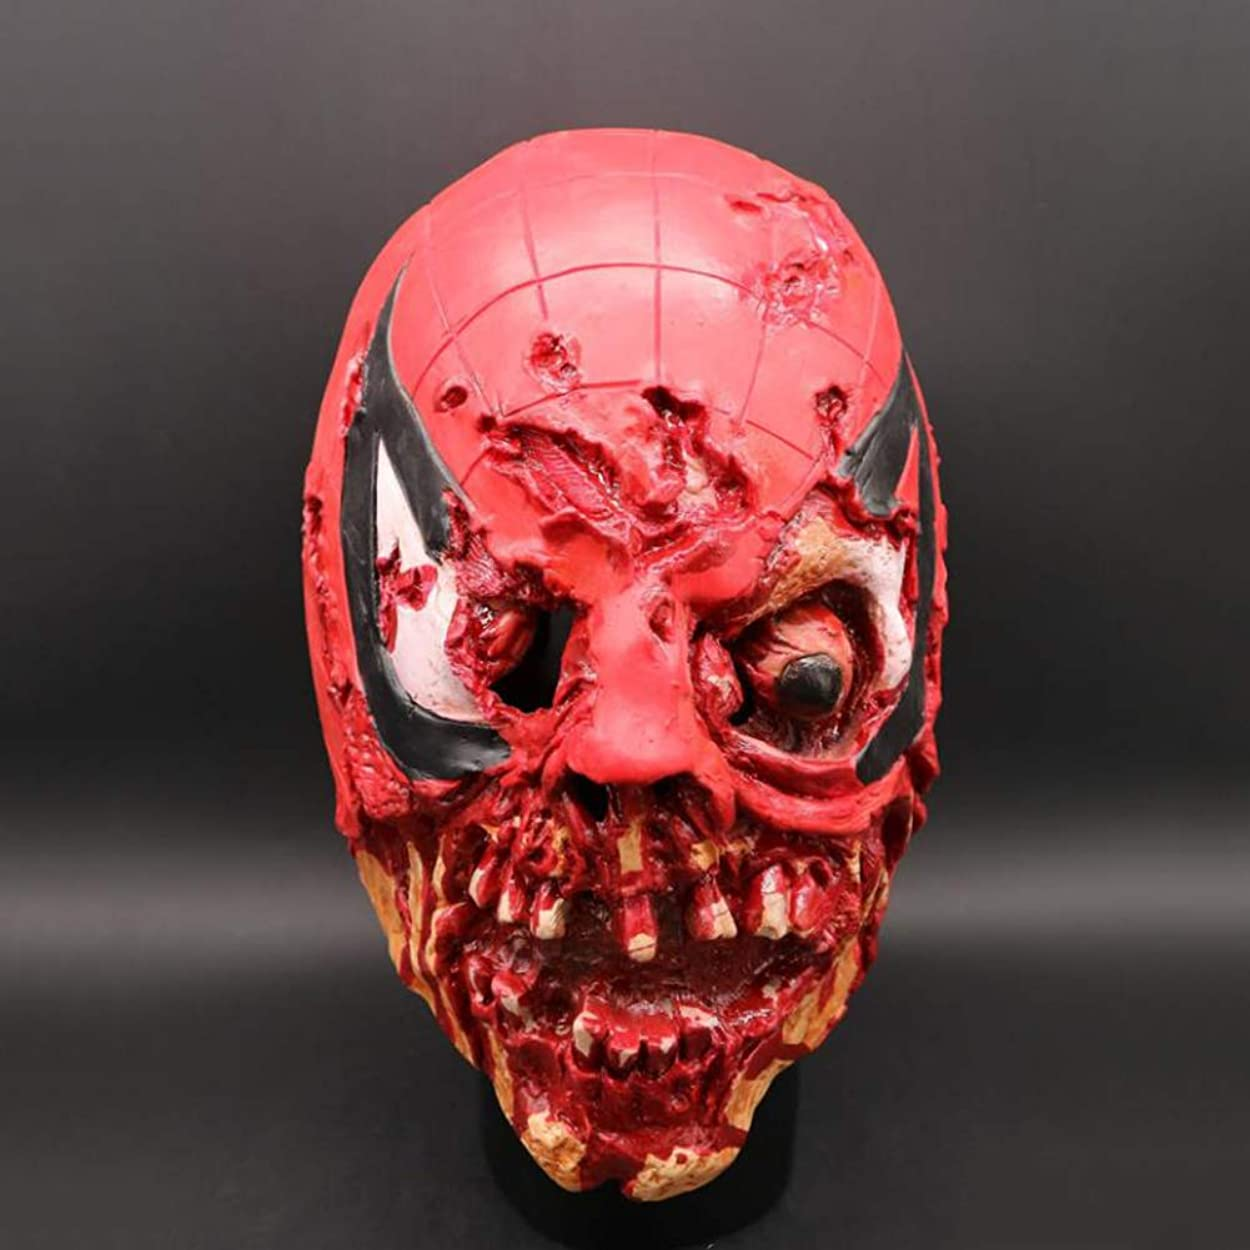 苦しむ航空機ダムハロウィーンホラーマスク、スカルプラズマフードマスク、V クリエイティブ面白いヘッドマスク、ラテックス Vizard マスク、コスチュームプロップトカゲマスク